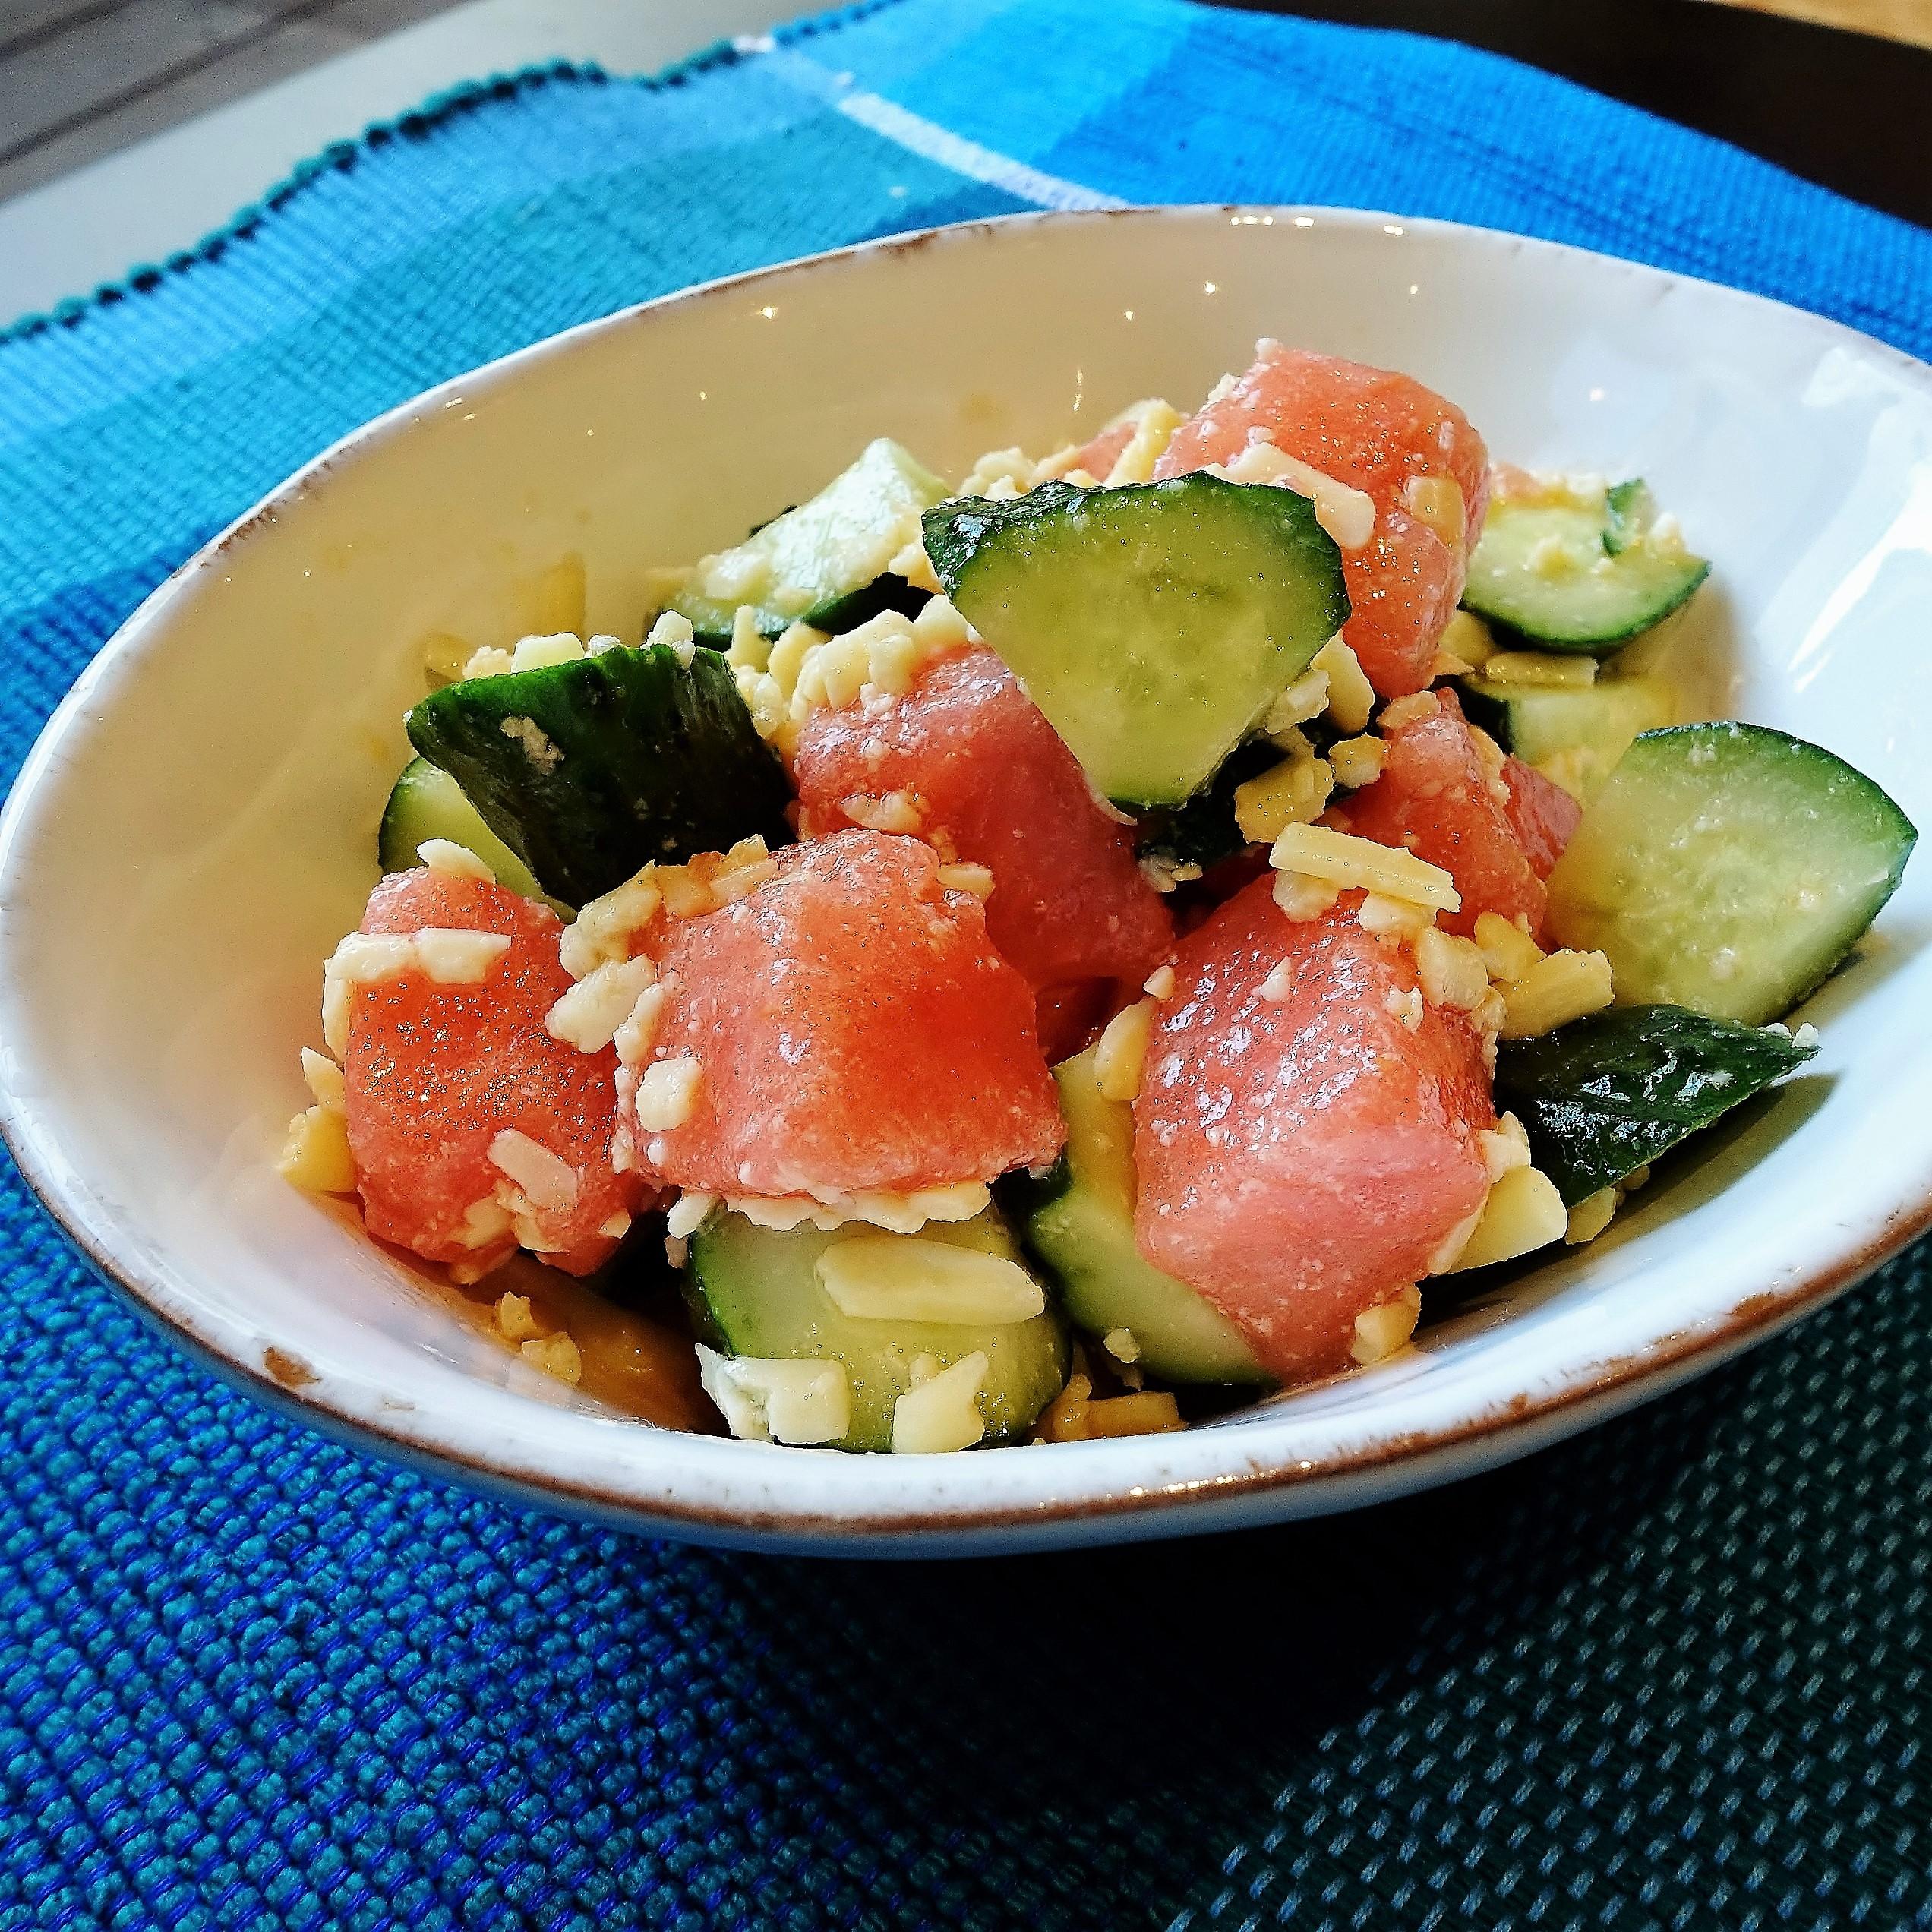 四葉きゅうりのギリシャ風サラダ